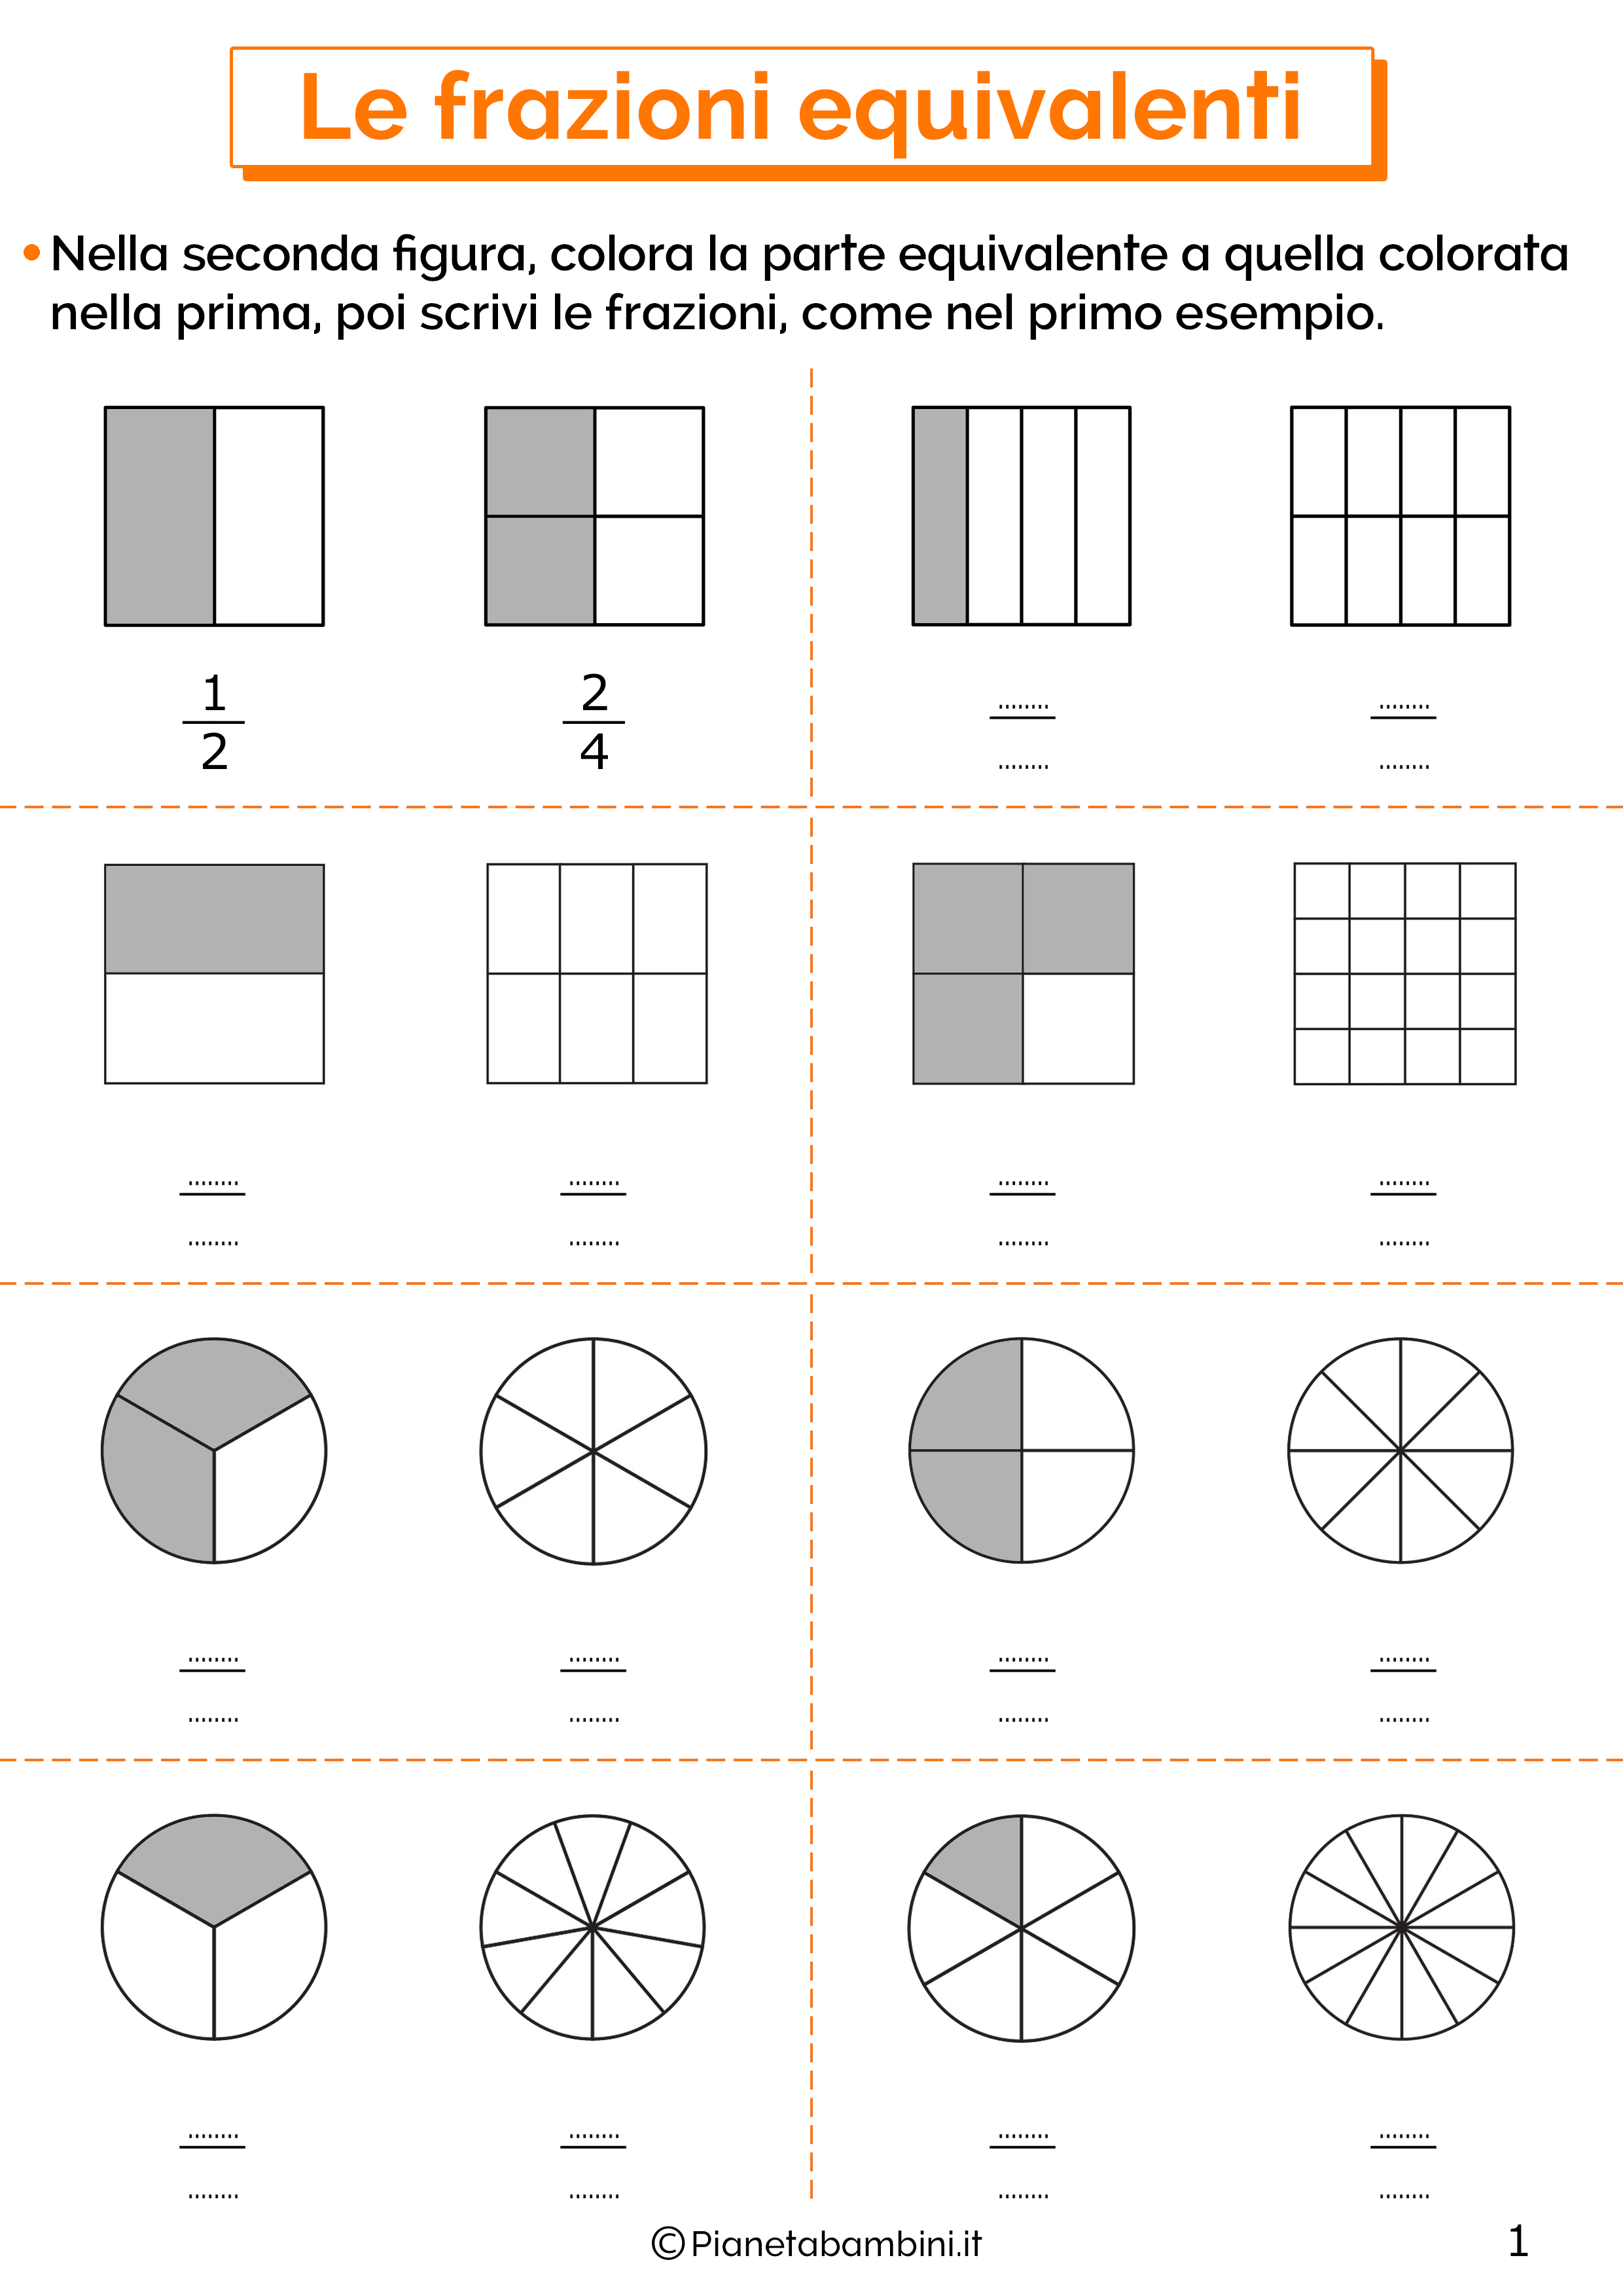 Esercizi sulle frazioni equivalenti 1